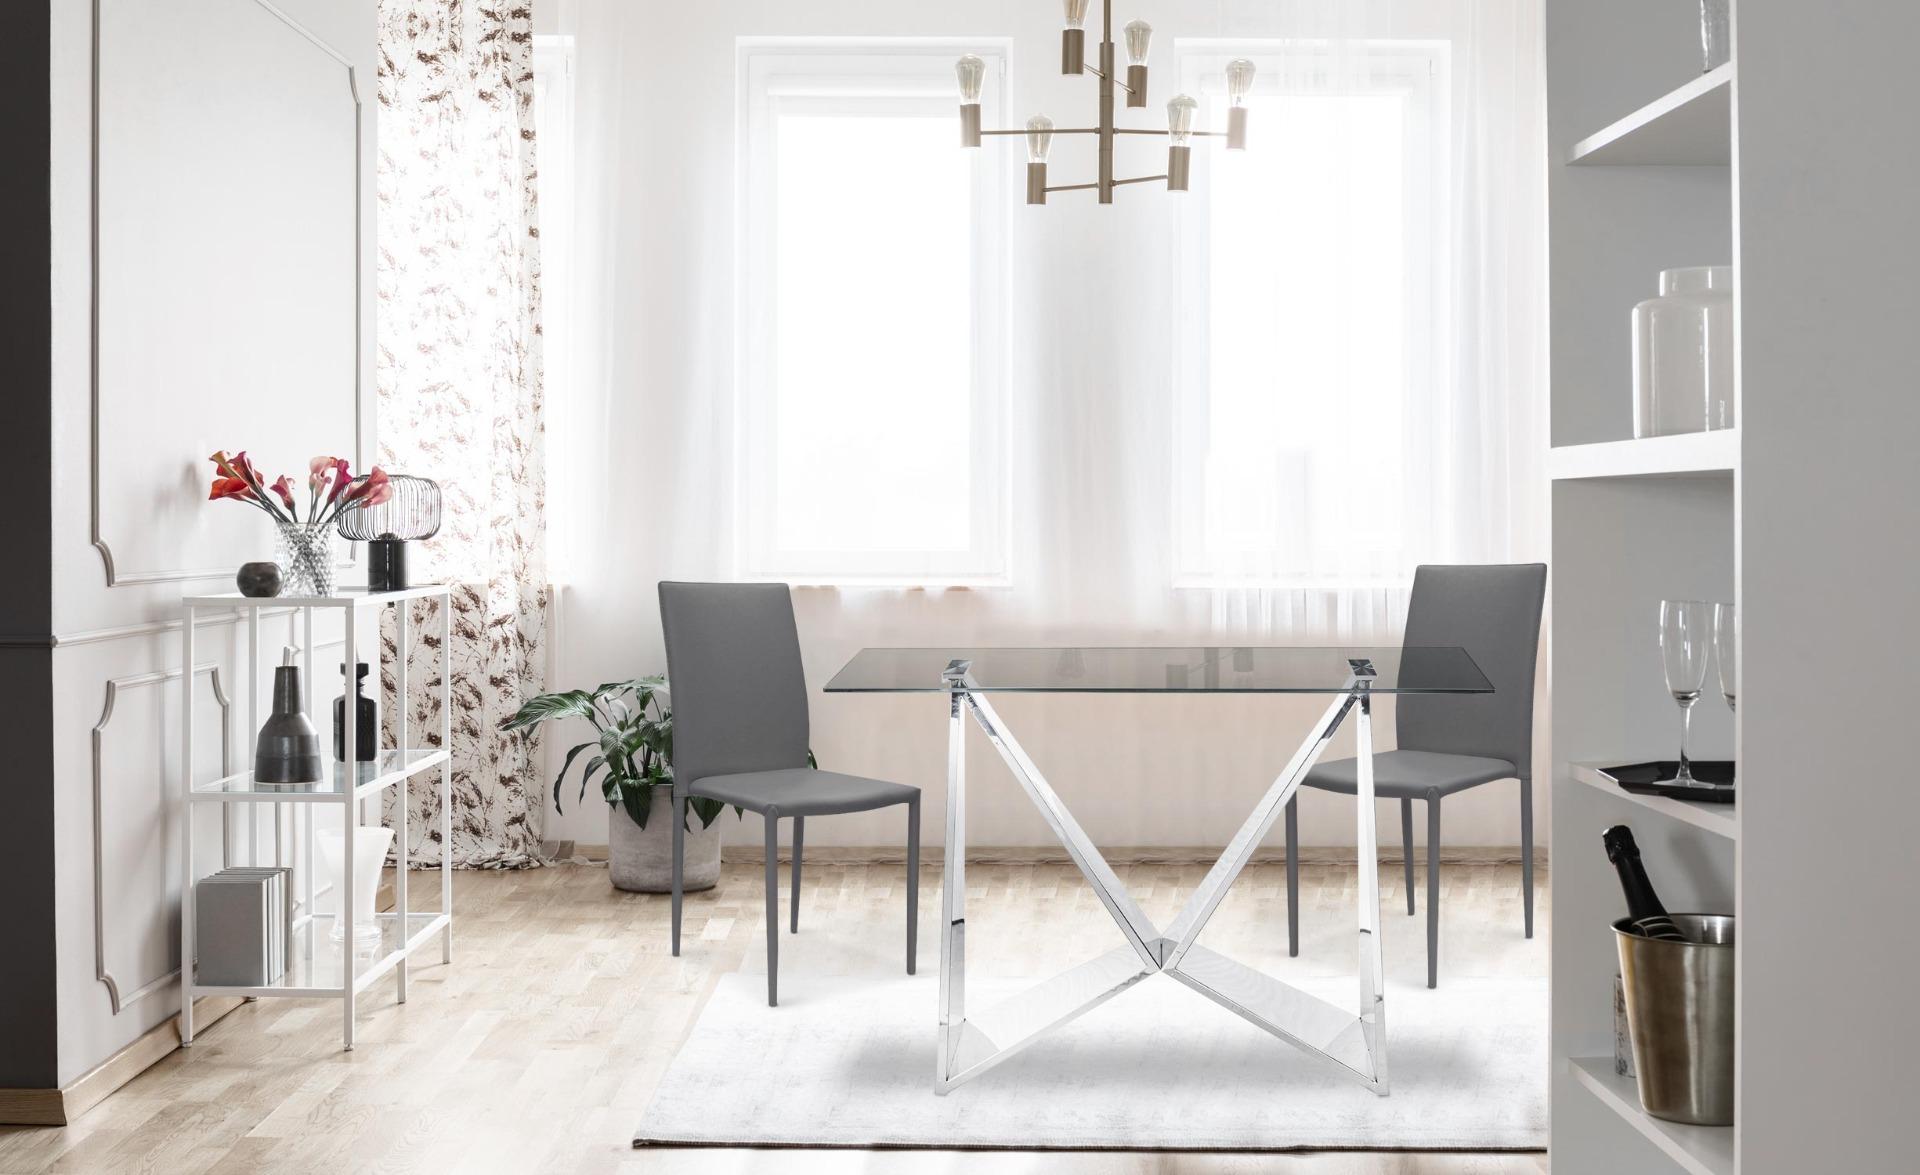 Modan Set mit 6 stapelbaren Stühlen aus Kunstleder Grau